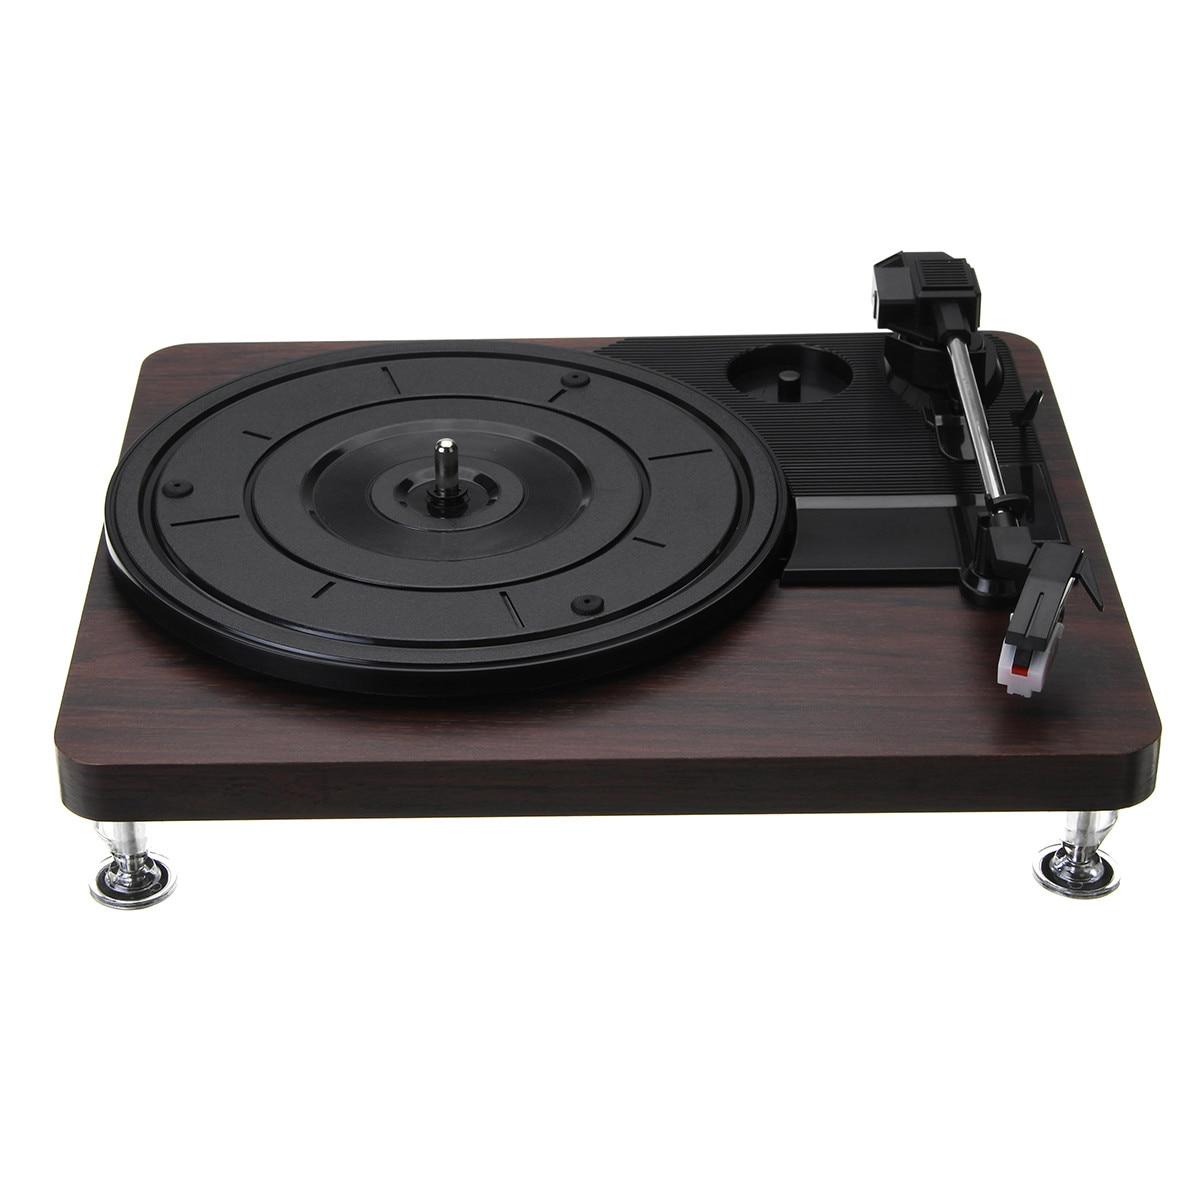 Unterhaltungselektronik Zielsetzung 33 Rpm Kunststoff Rekord Retro Player Portable Audio Grammophon Plattenspieler Disc Vinyl Audio Rca R/l 3,5 Mm Ausgang Out Usb Dc 5 V